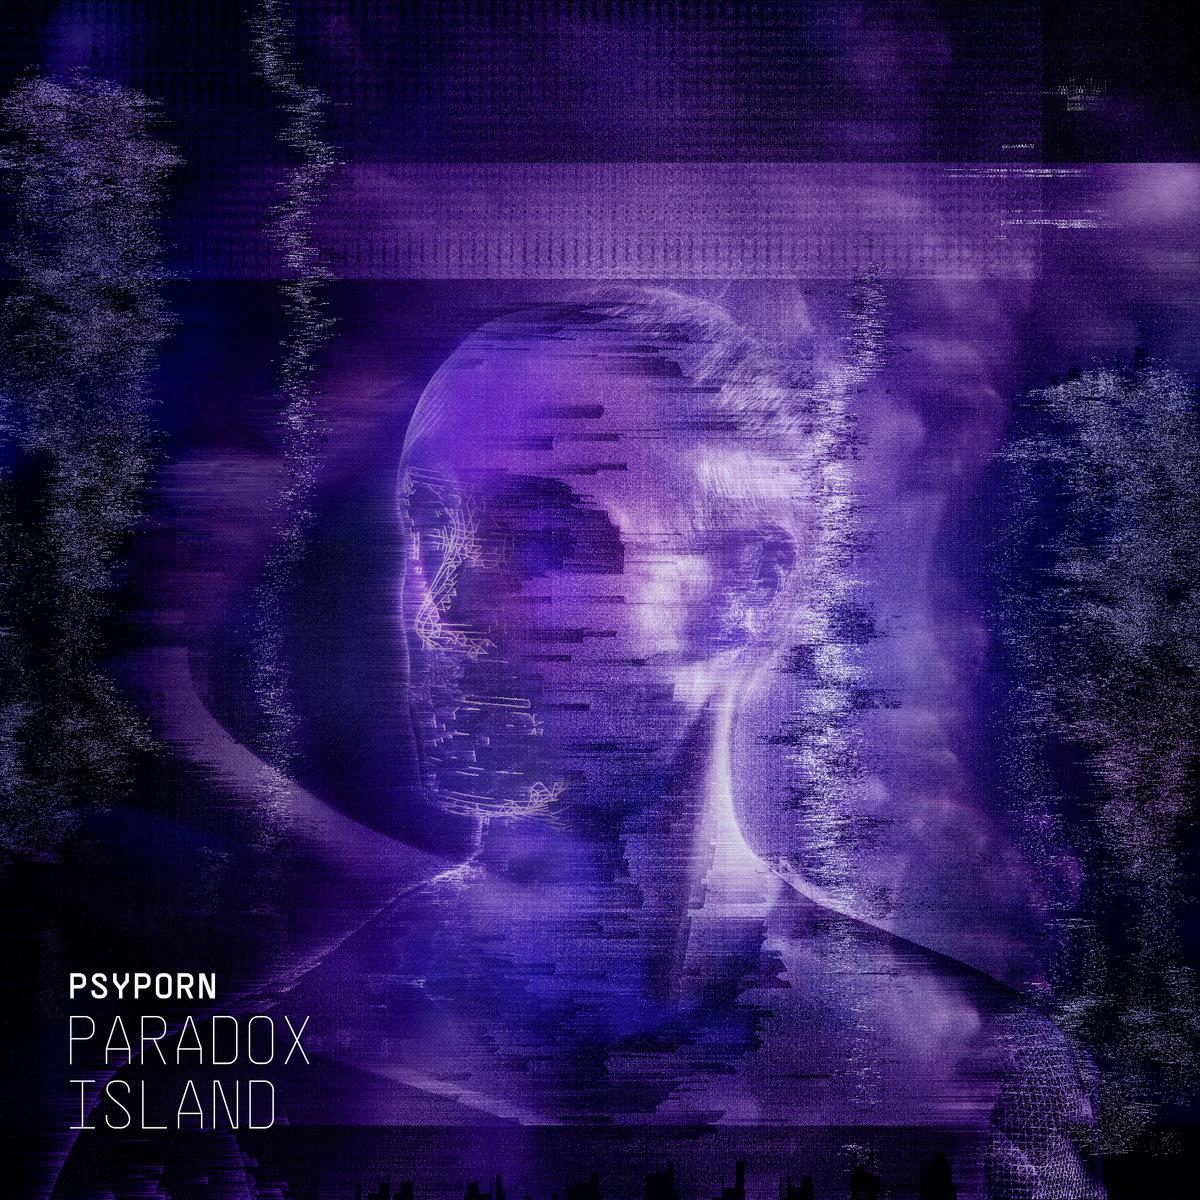 PsyPorn: Paradox Island